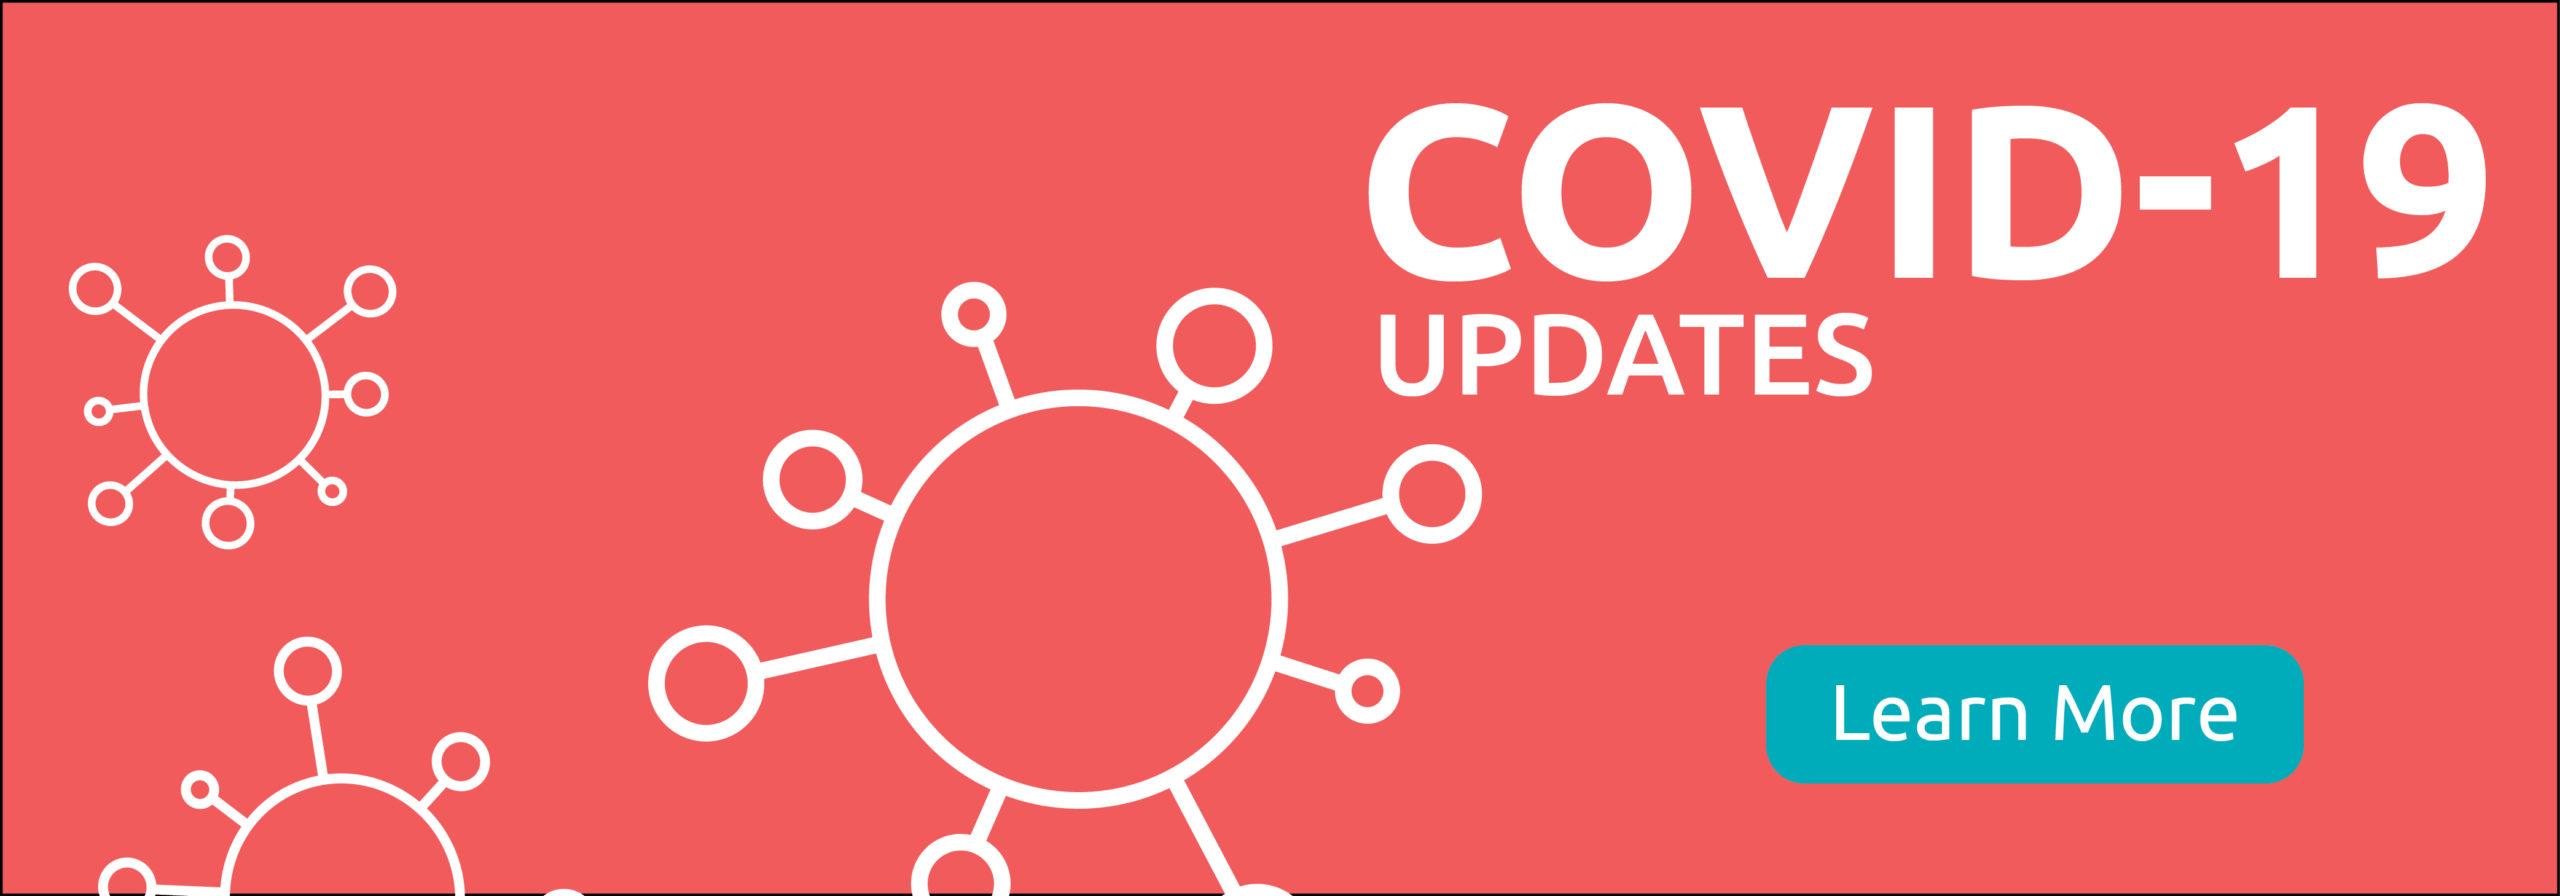 Covid Update Carousel